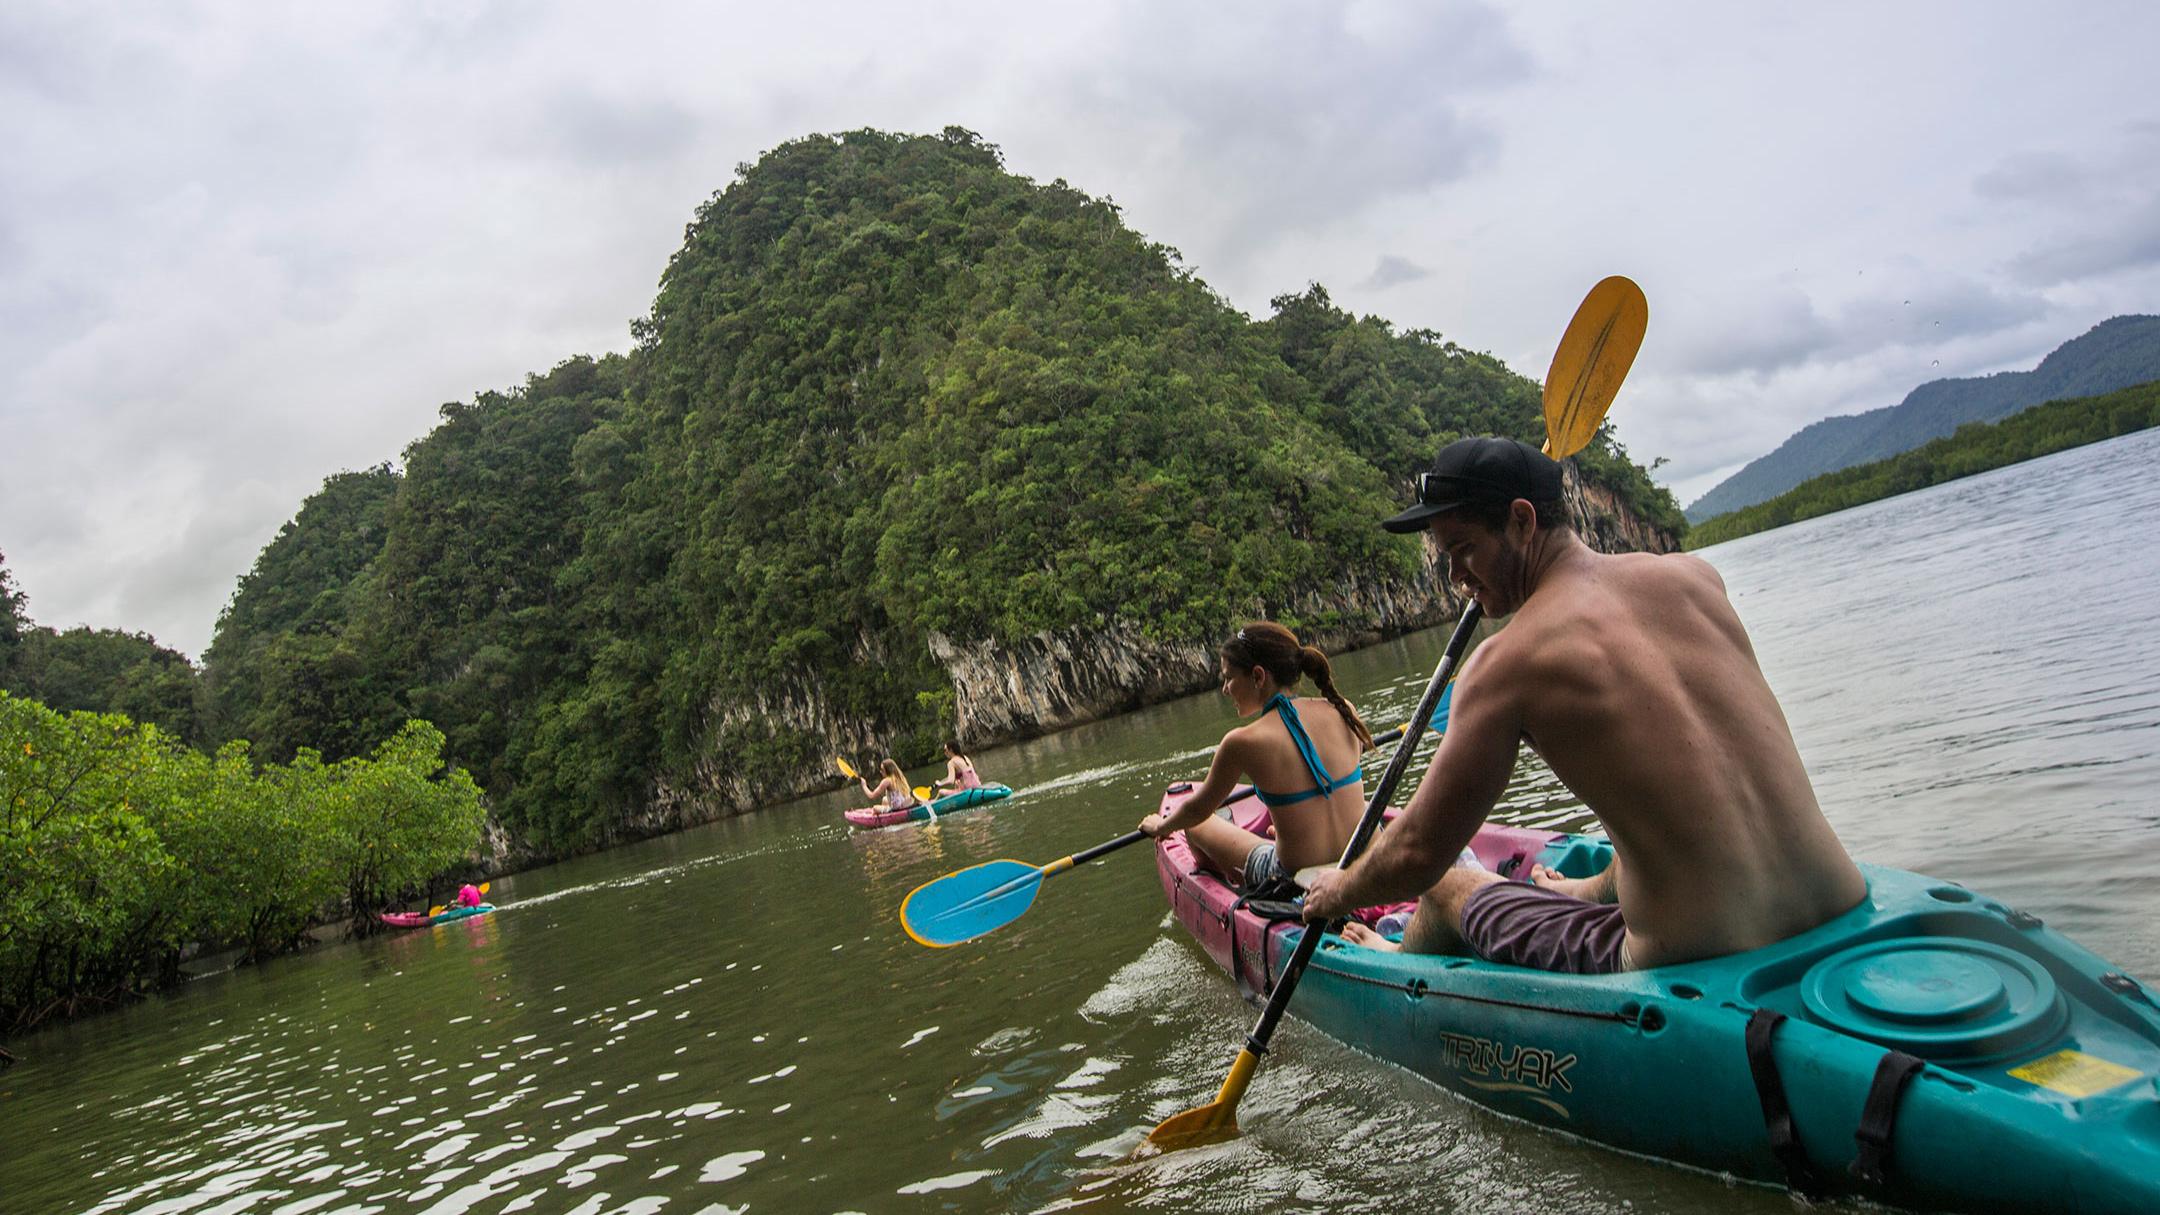 Entdecke Südthailand In Thailand Asien G Adventures